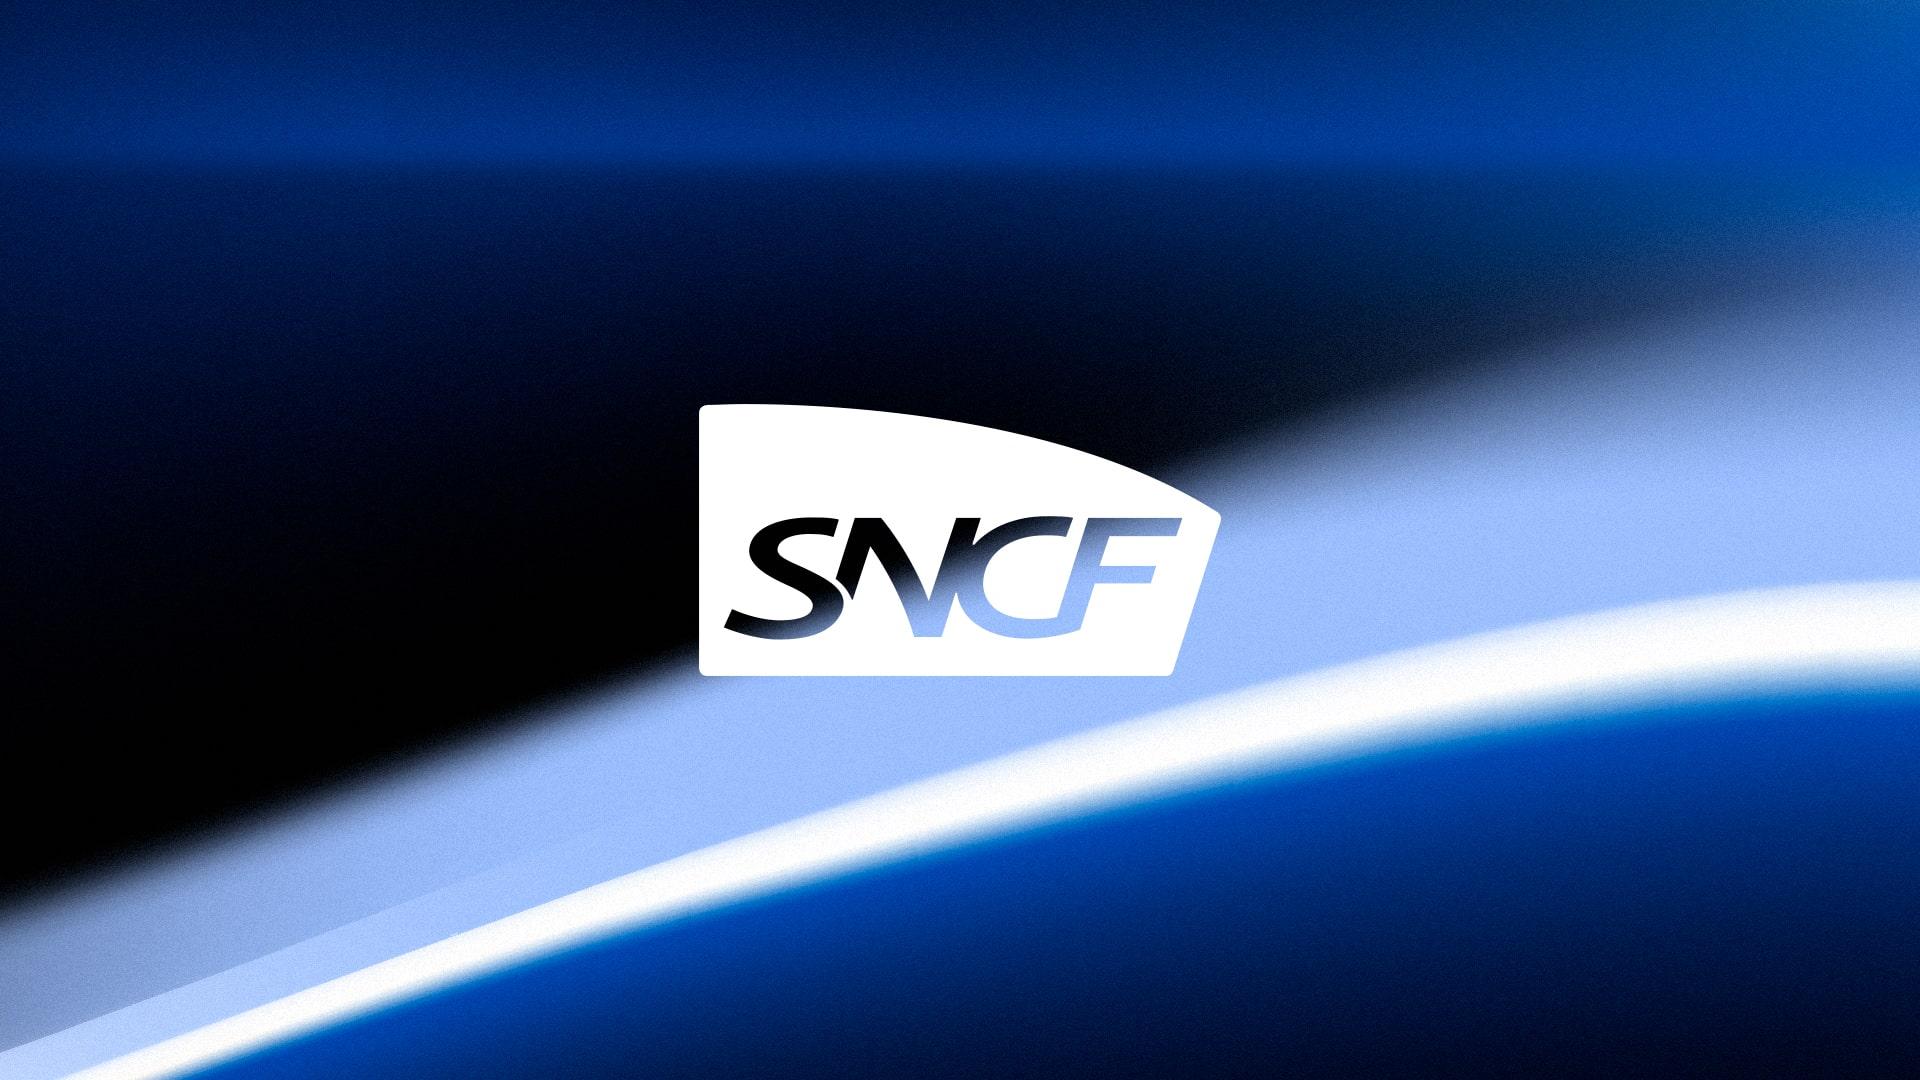 SNCF_Works-min